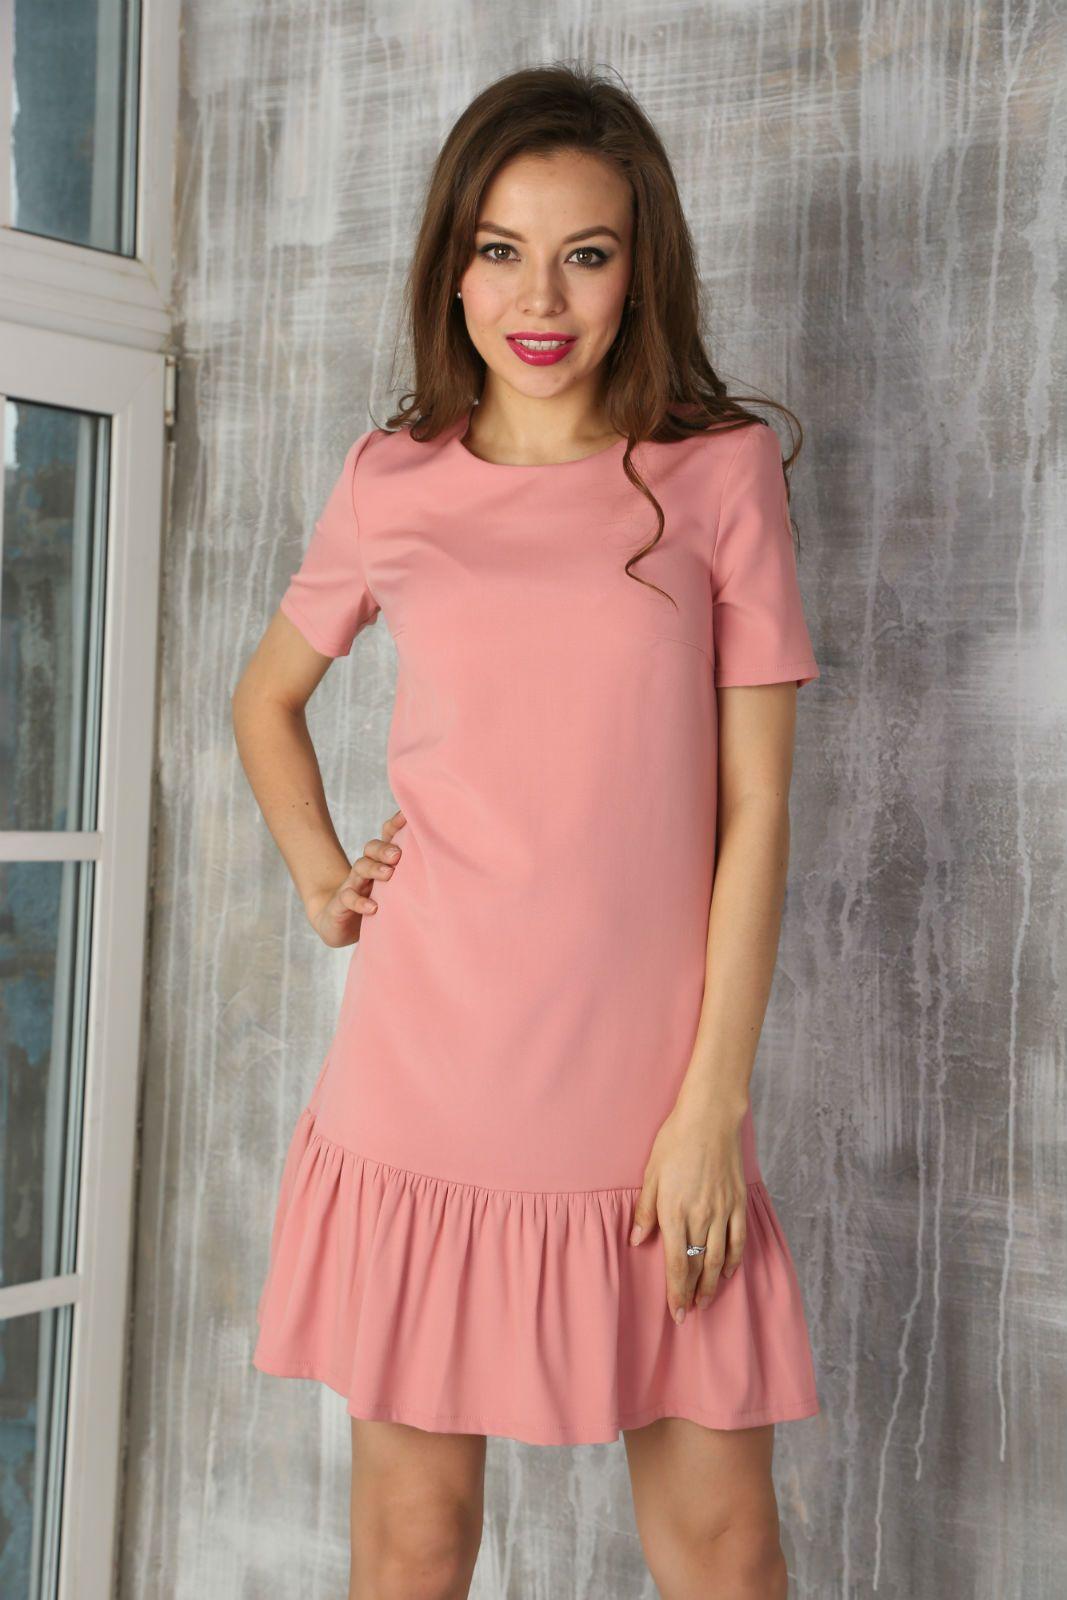 1a207fb1962 Платье внизу с воланом (80 фото) 2017  с чем носить